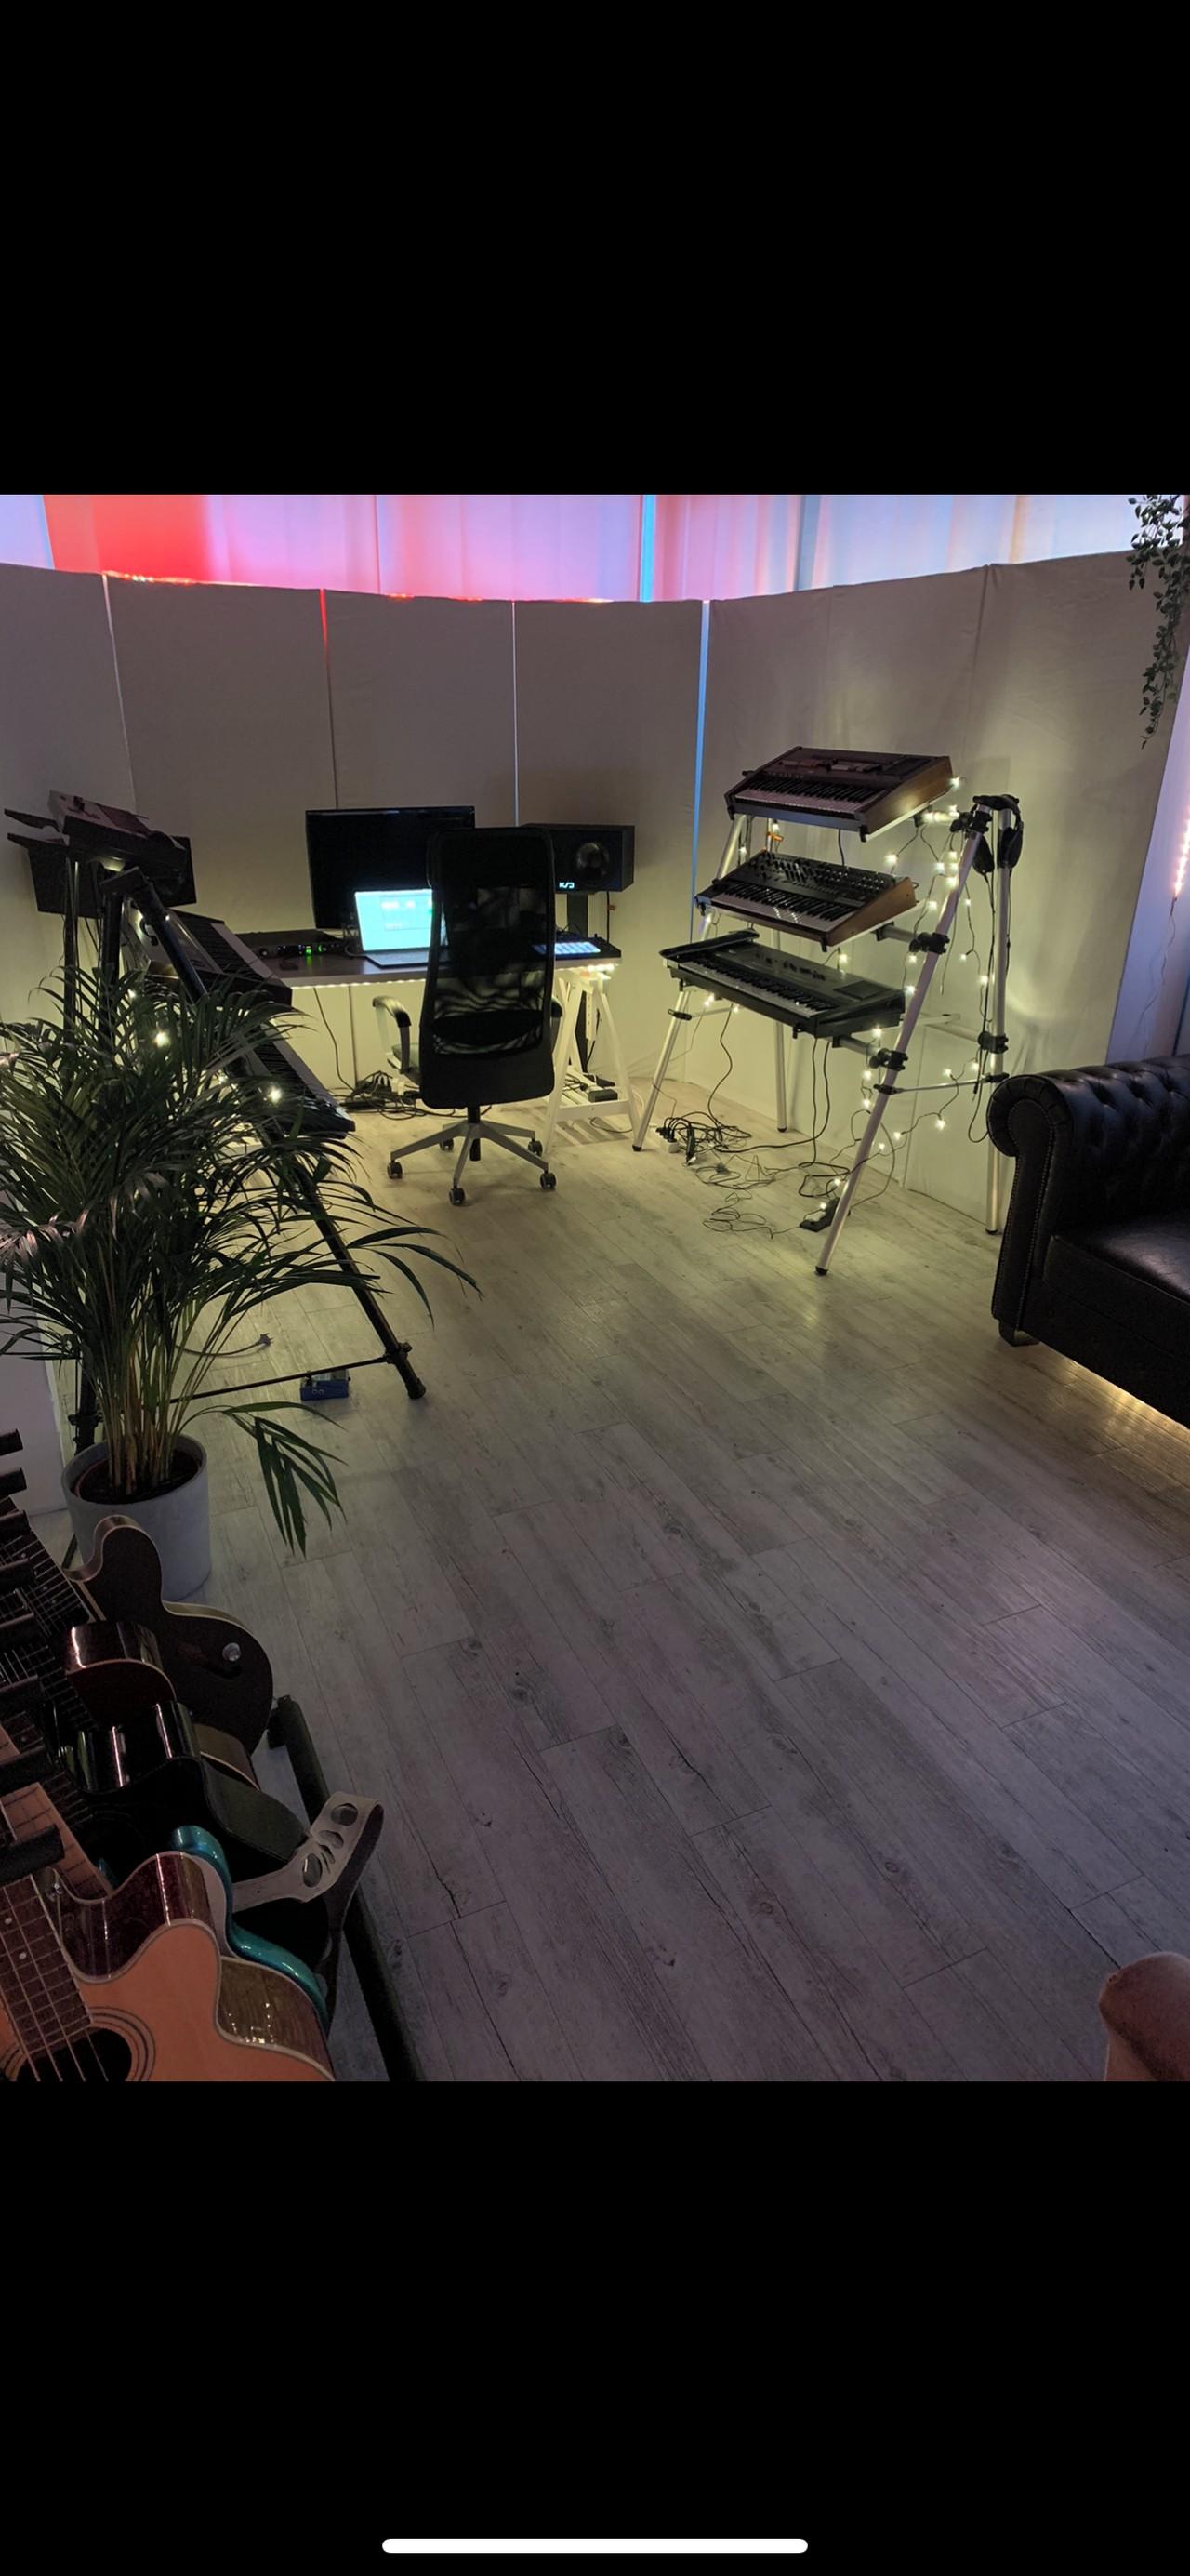 Bremen  Tonstudio TOP TONSTUDIO MIT VINTAGE SYNTHS image 0